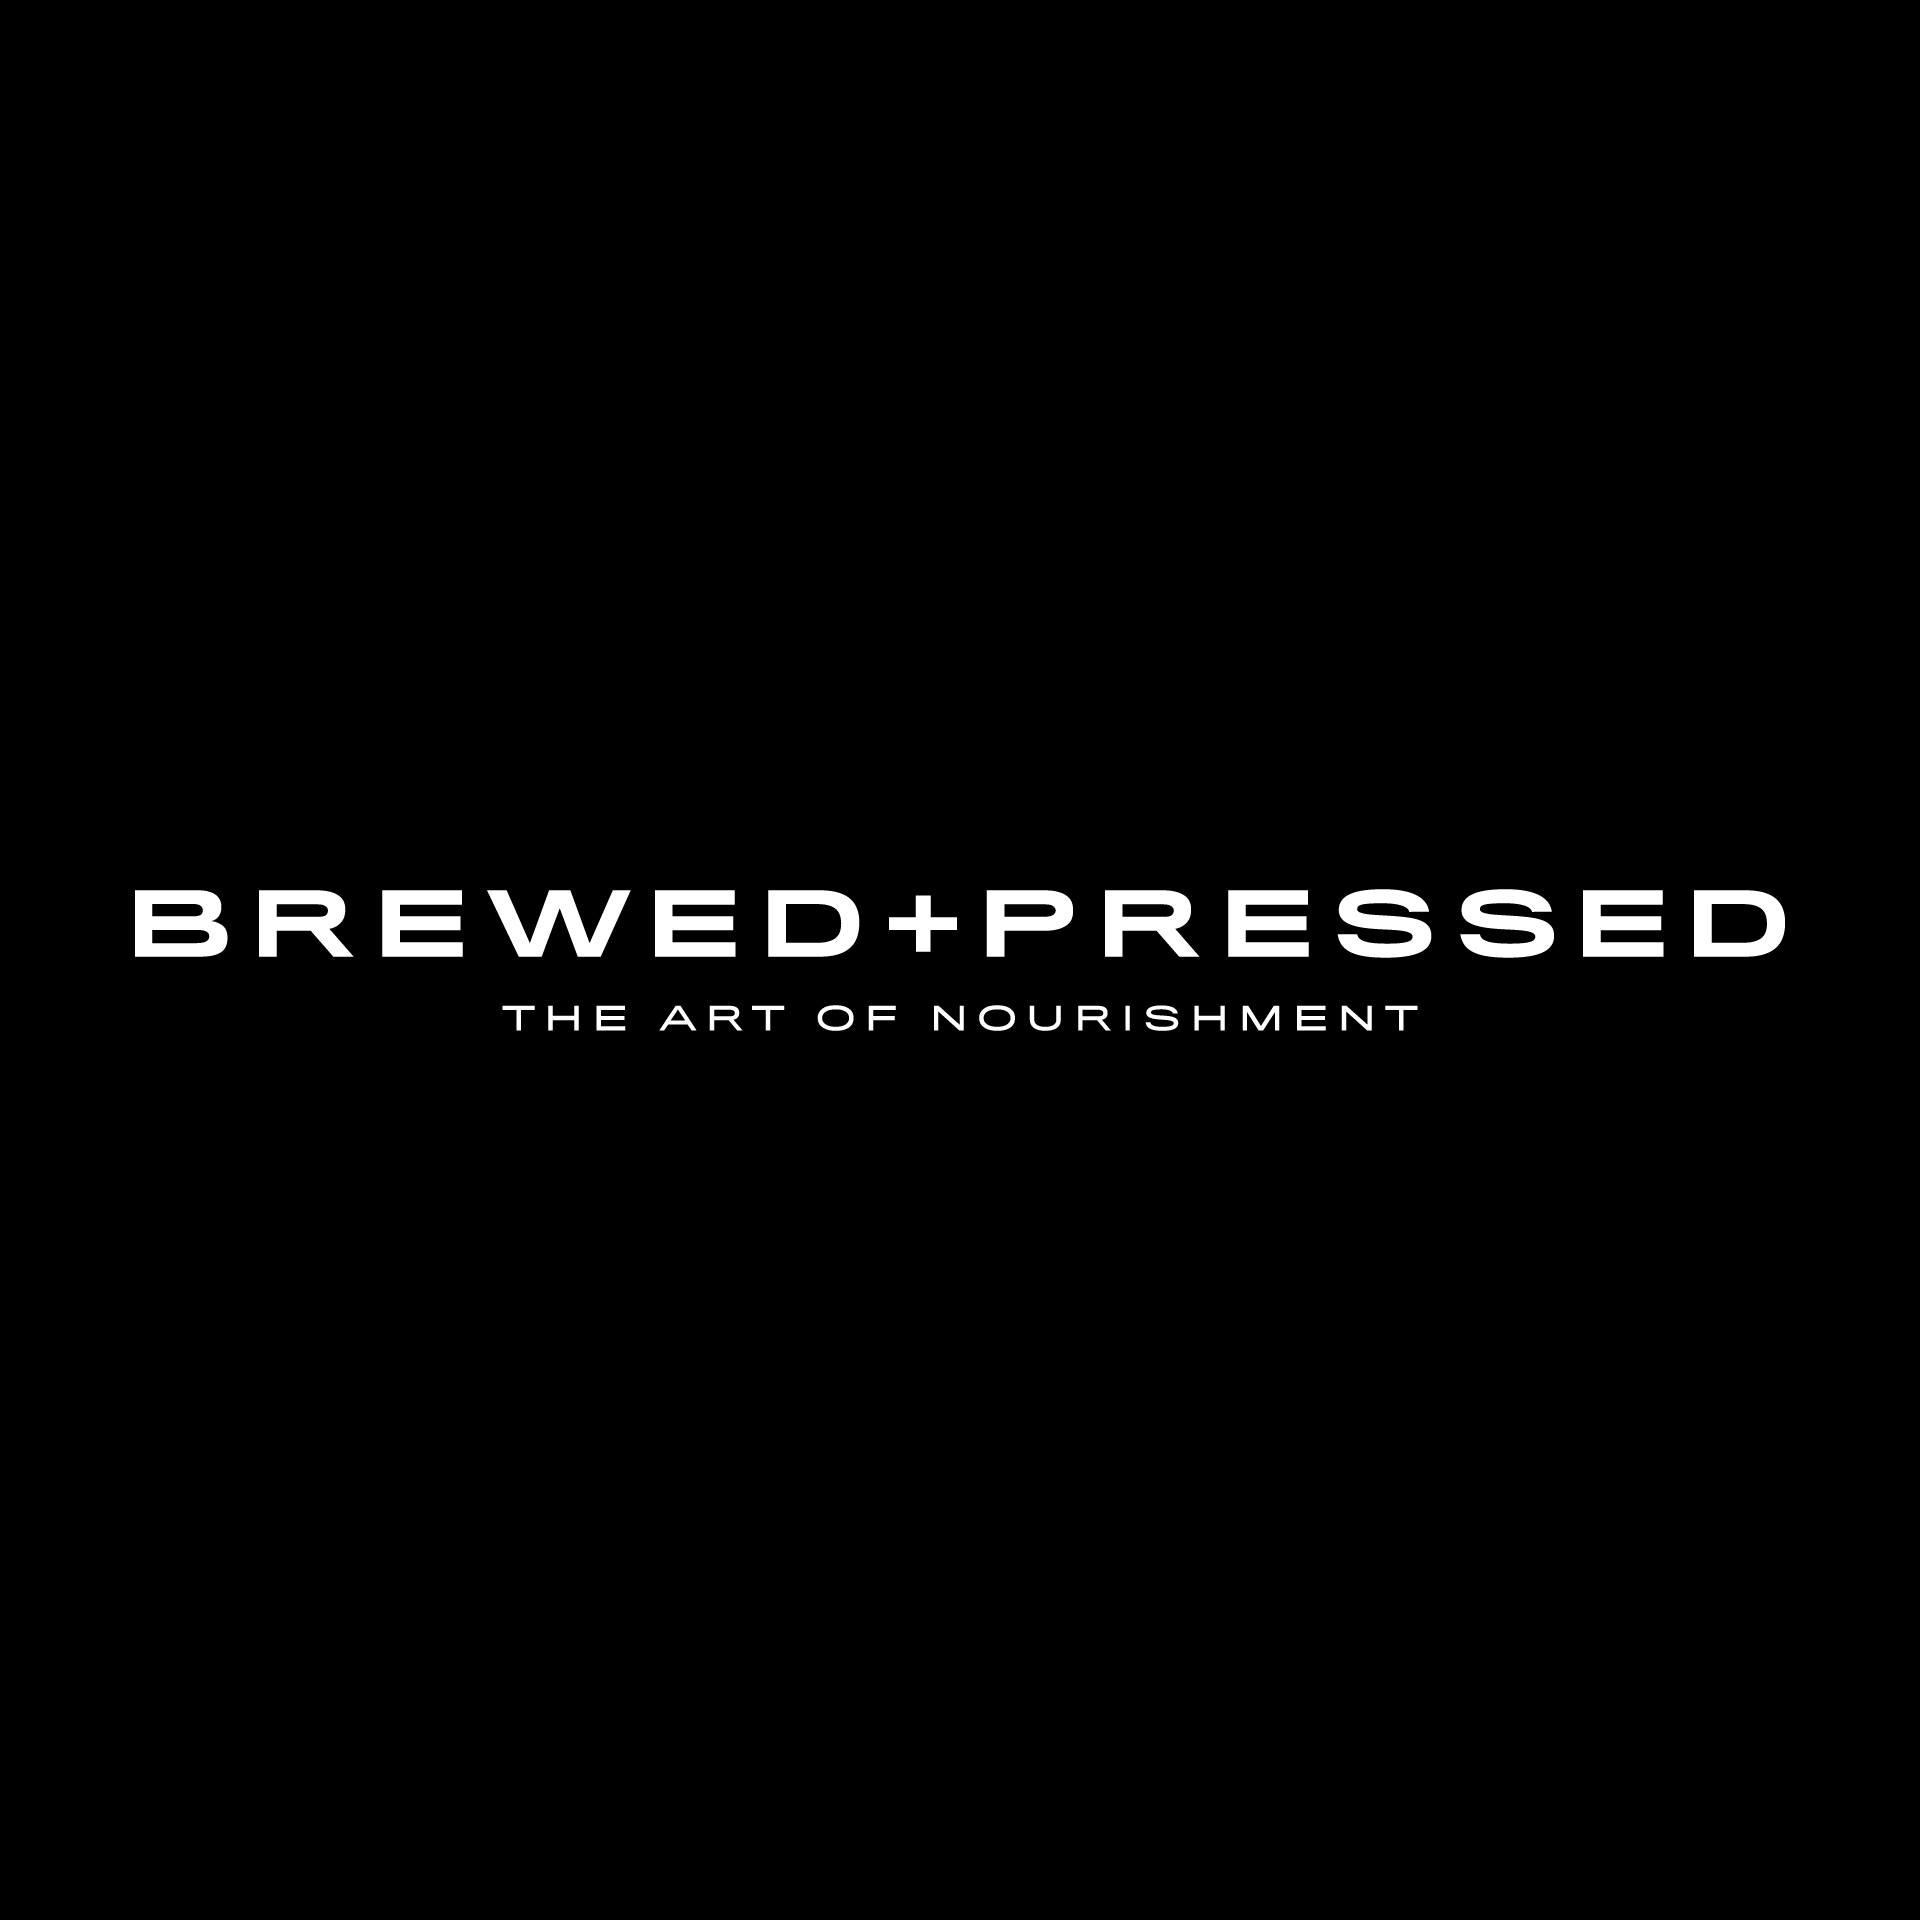 Brewed+Pressed